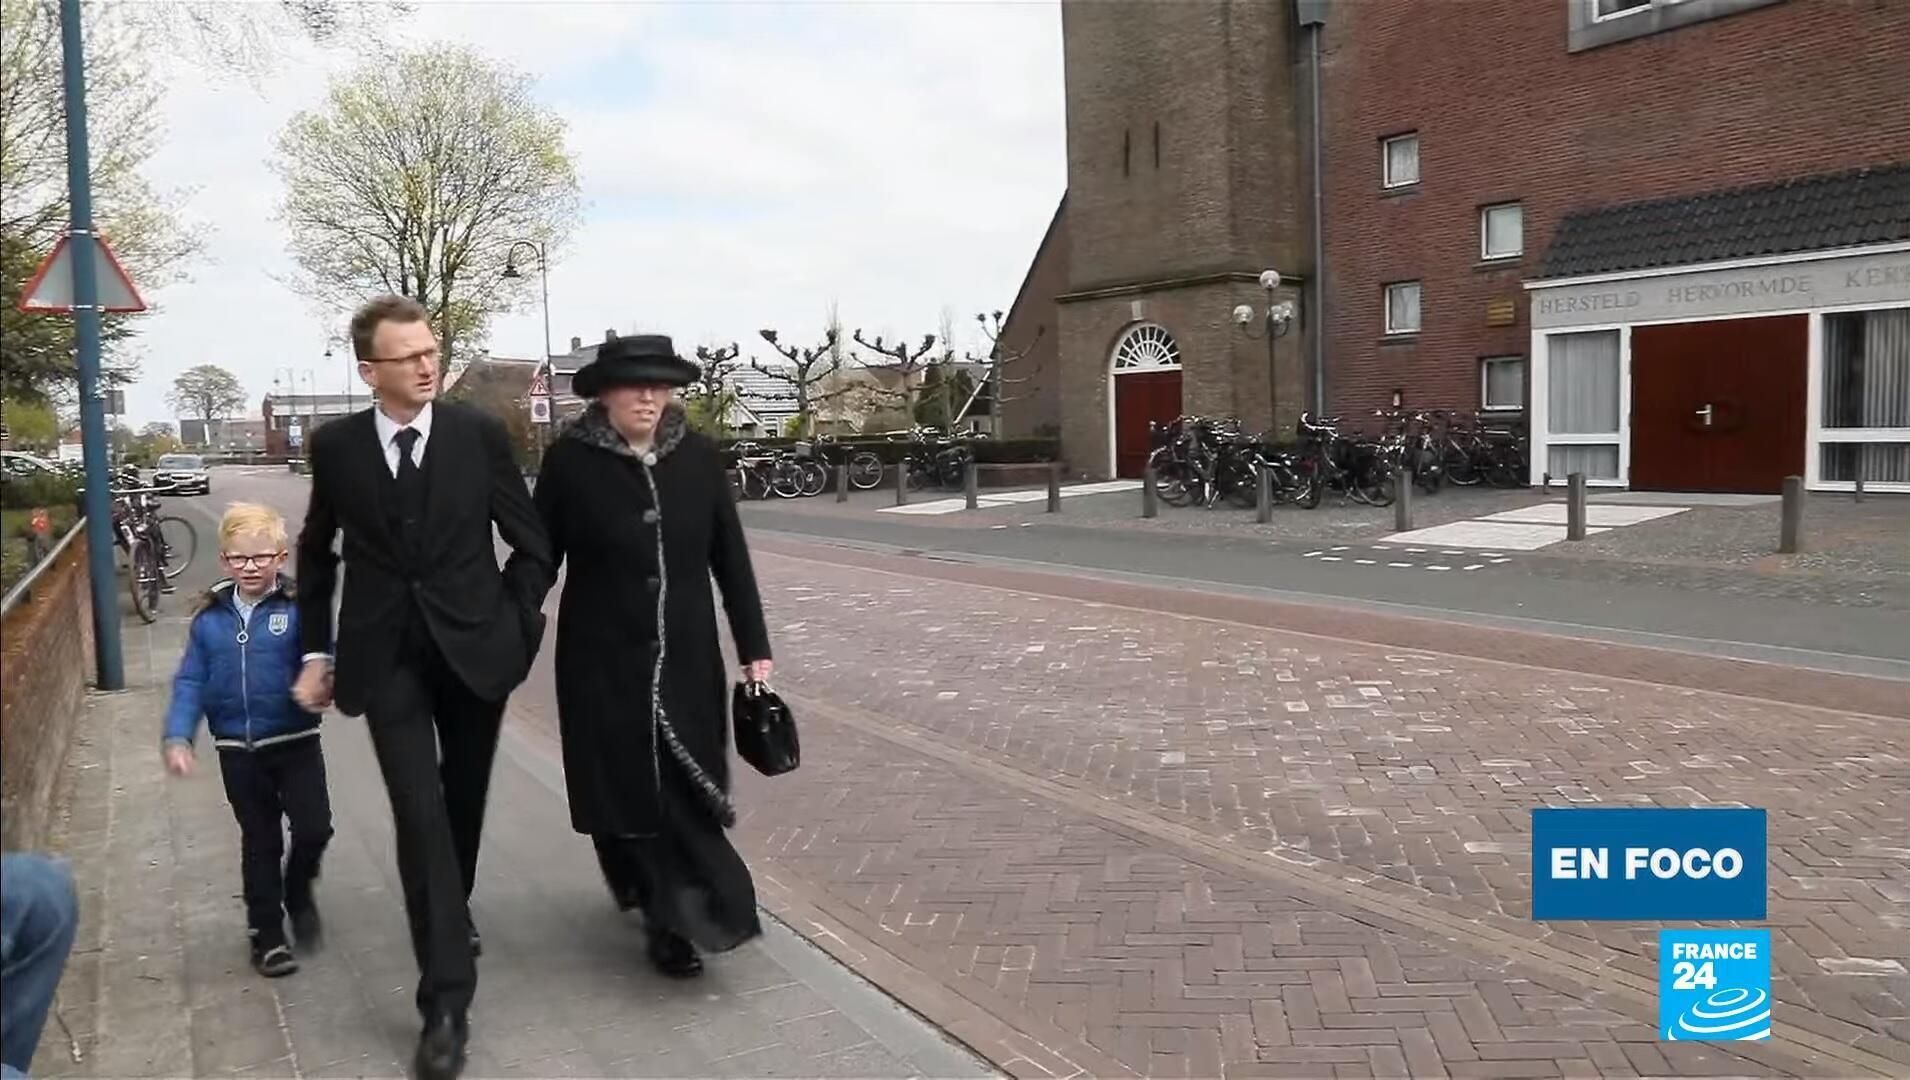 en foco - calvinistas Países Bajos